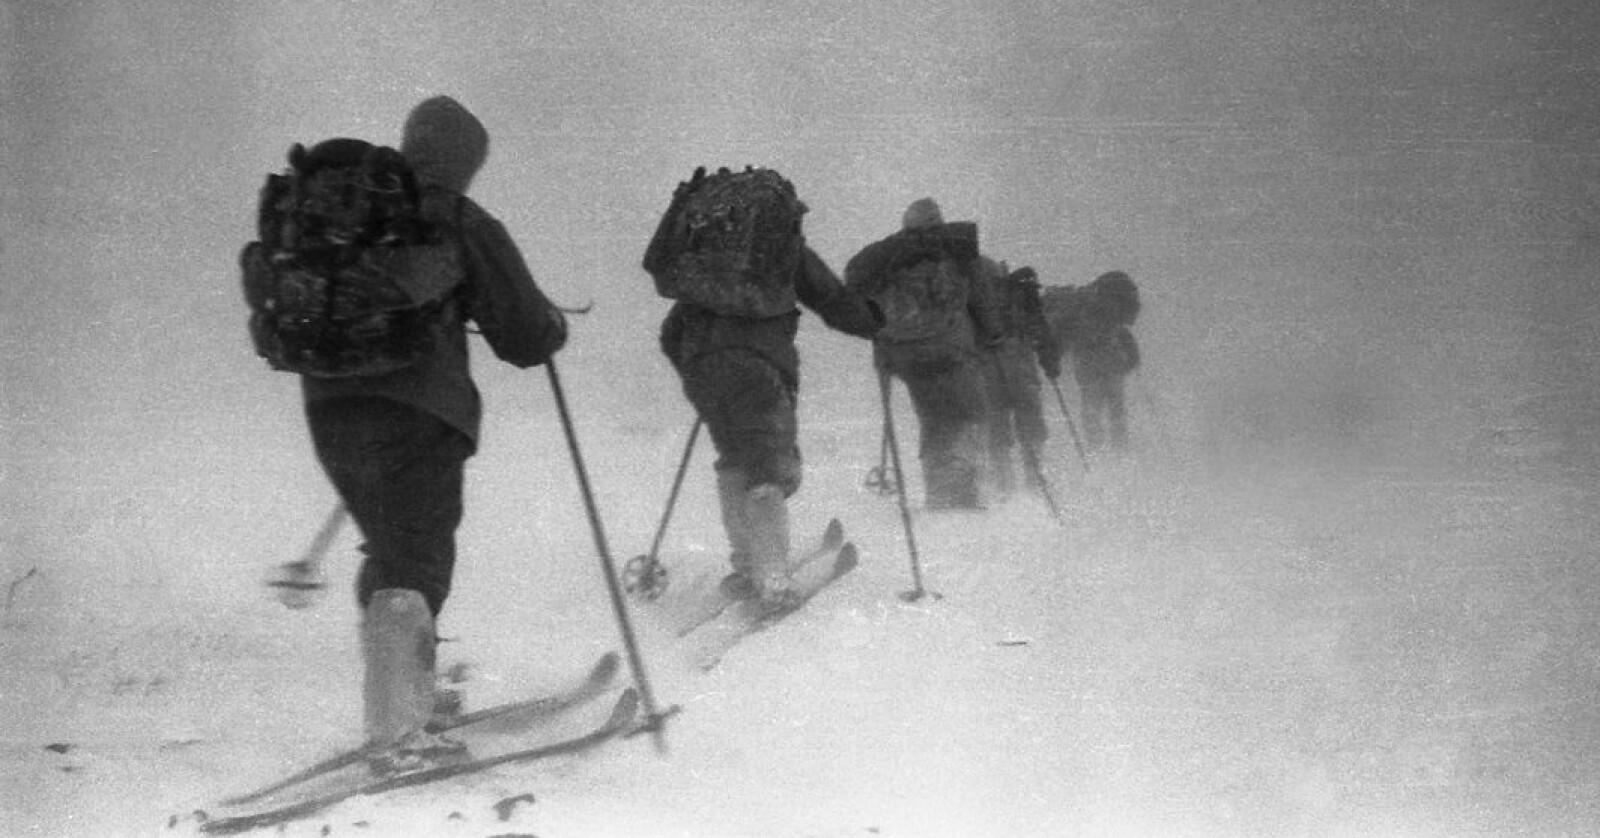 <b>INN I DET UKJENTE:</b> Det var ikke akkurat påskestemning på fjellet da ni russere dro på tur i Ural i 1959. Men en godpåskekrim ble det: Ingen av de ni overlevde, og ingen er helt sikre på hva som tok livet av dem.